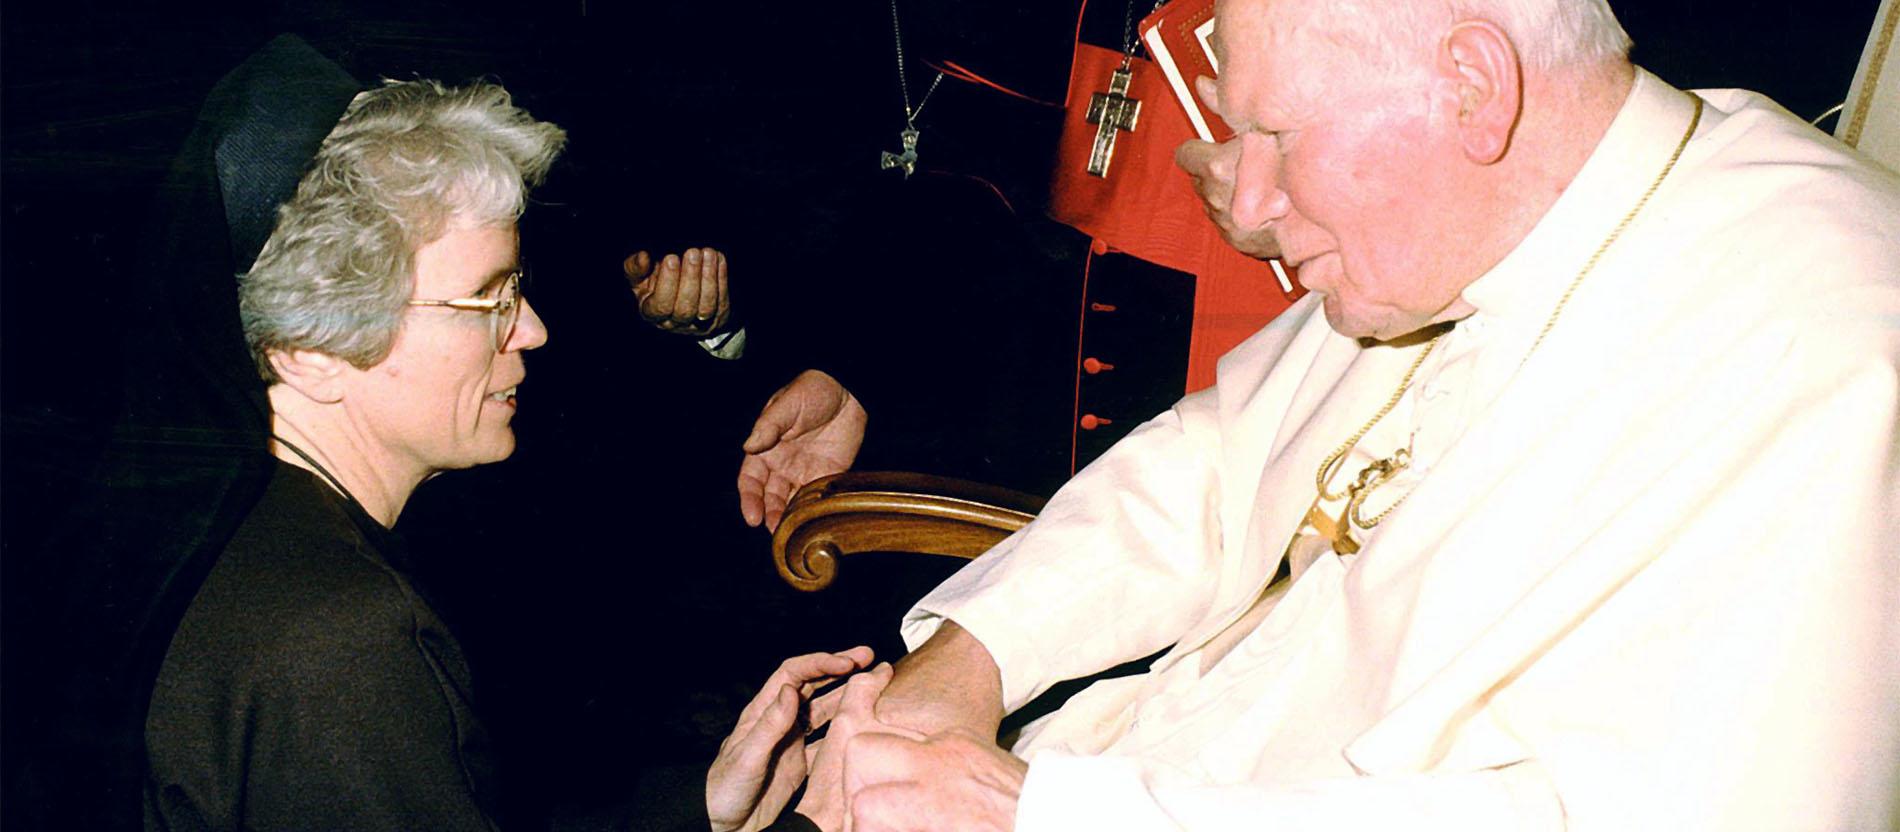 Papst Johannes Paul II. spricht am 23.11.2001 im Vatikan mit der Ordensschwester Judith Zoebelein. Sie ist verantwortlich für den Internetauftritt des Vatikans und wird auch